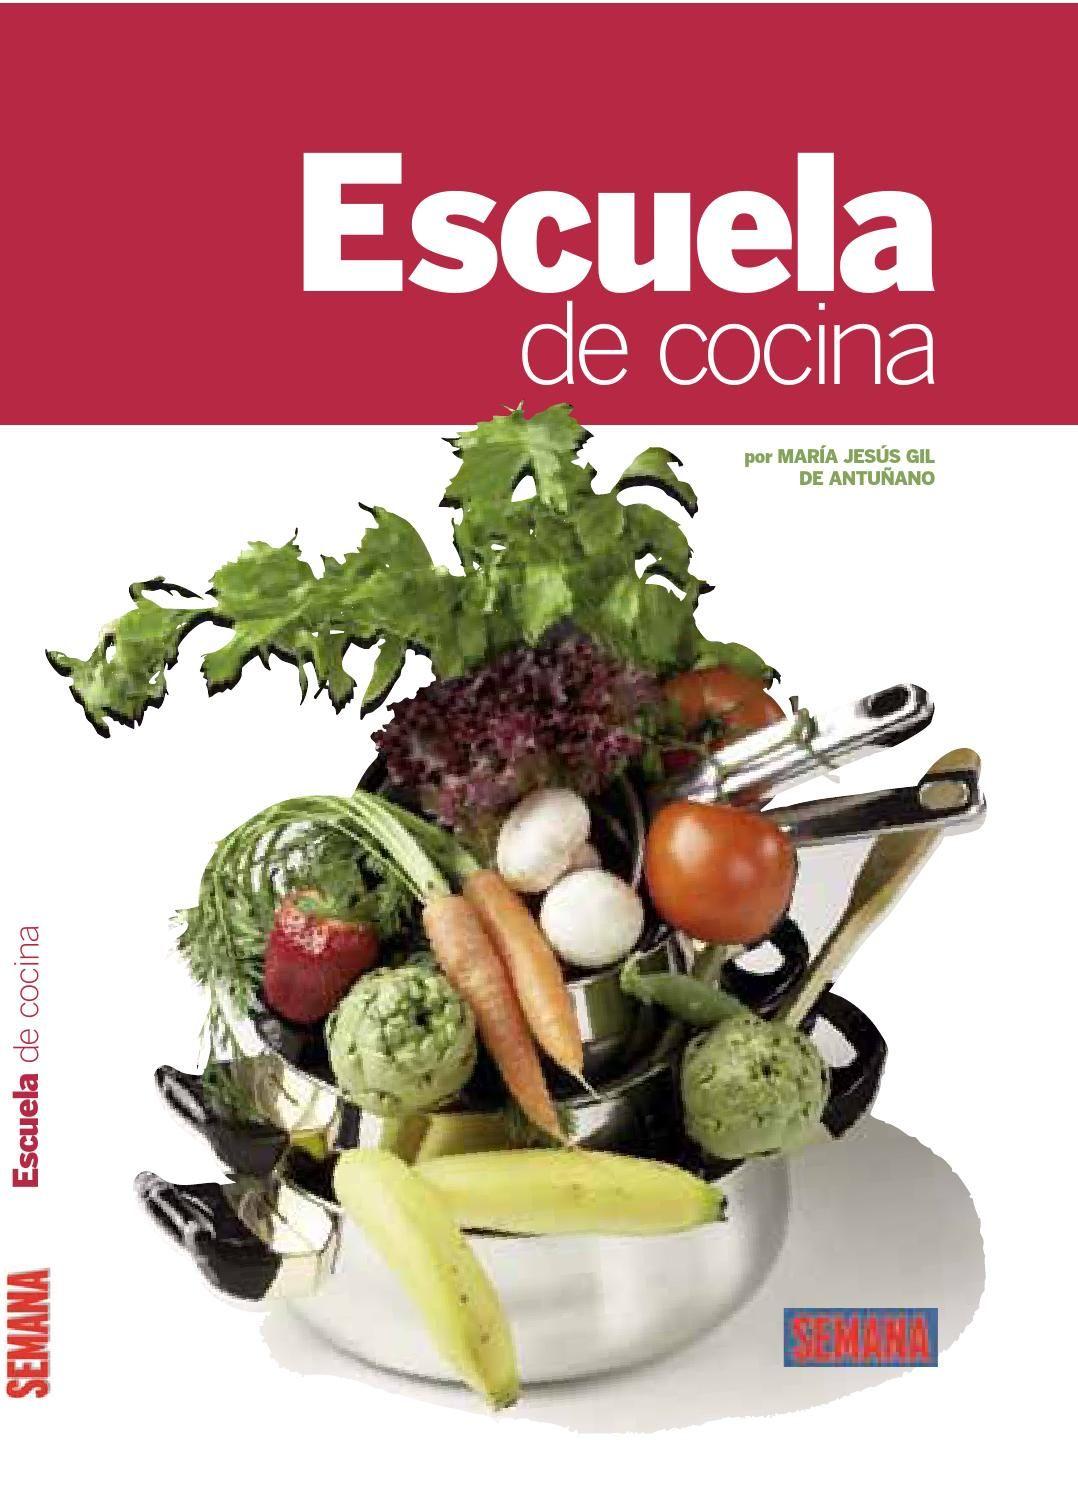 Coleccionable escuela de cocina receta de cocina escuela de cocina cocinas y recetario - Libro escuela de cocina ...